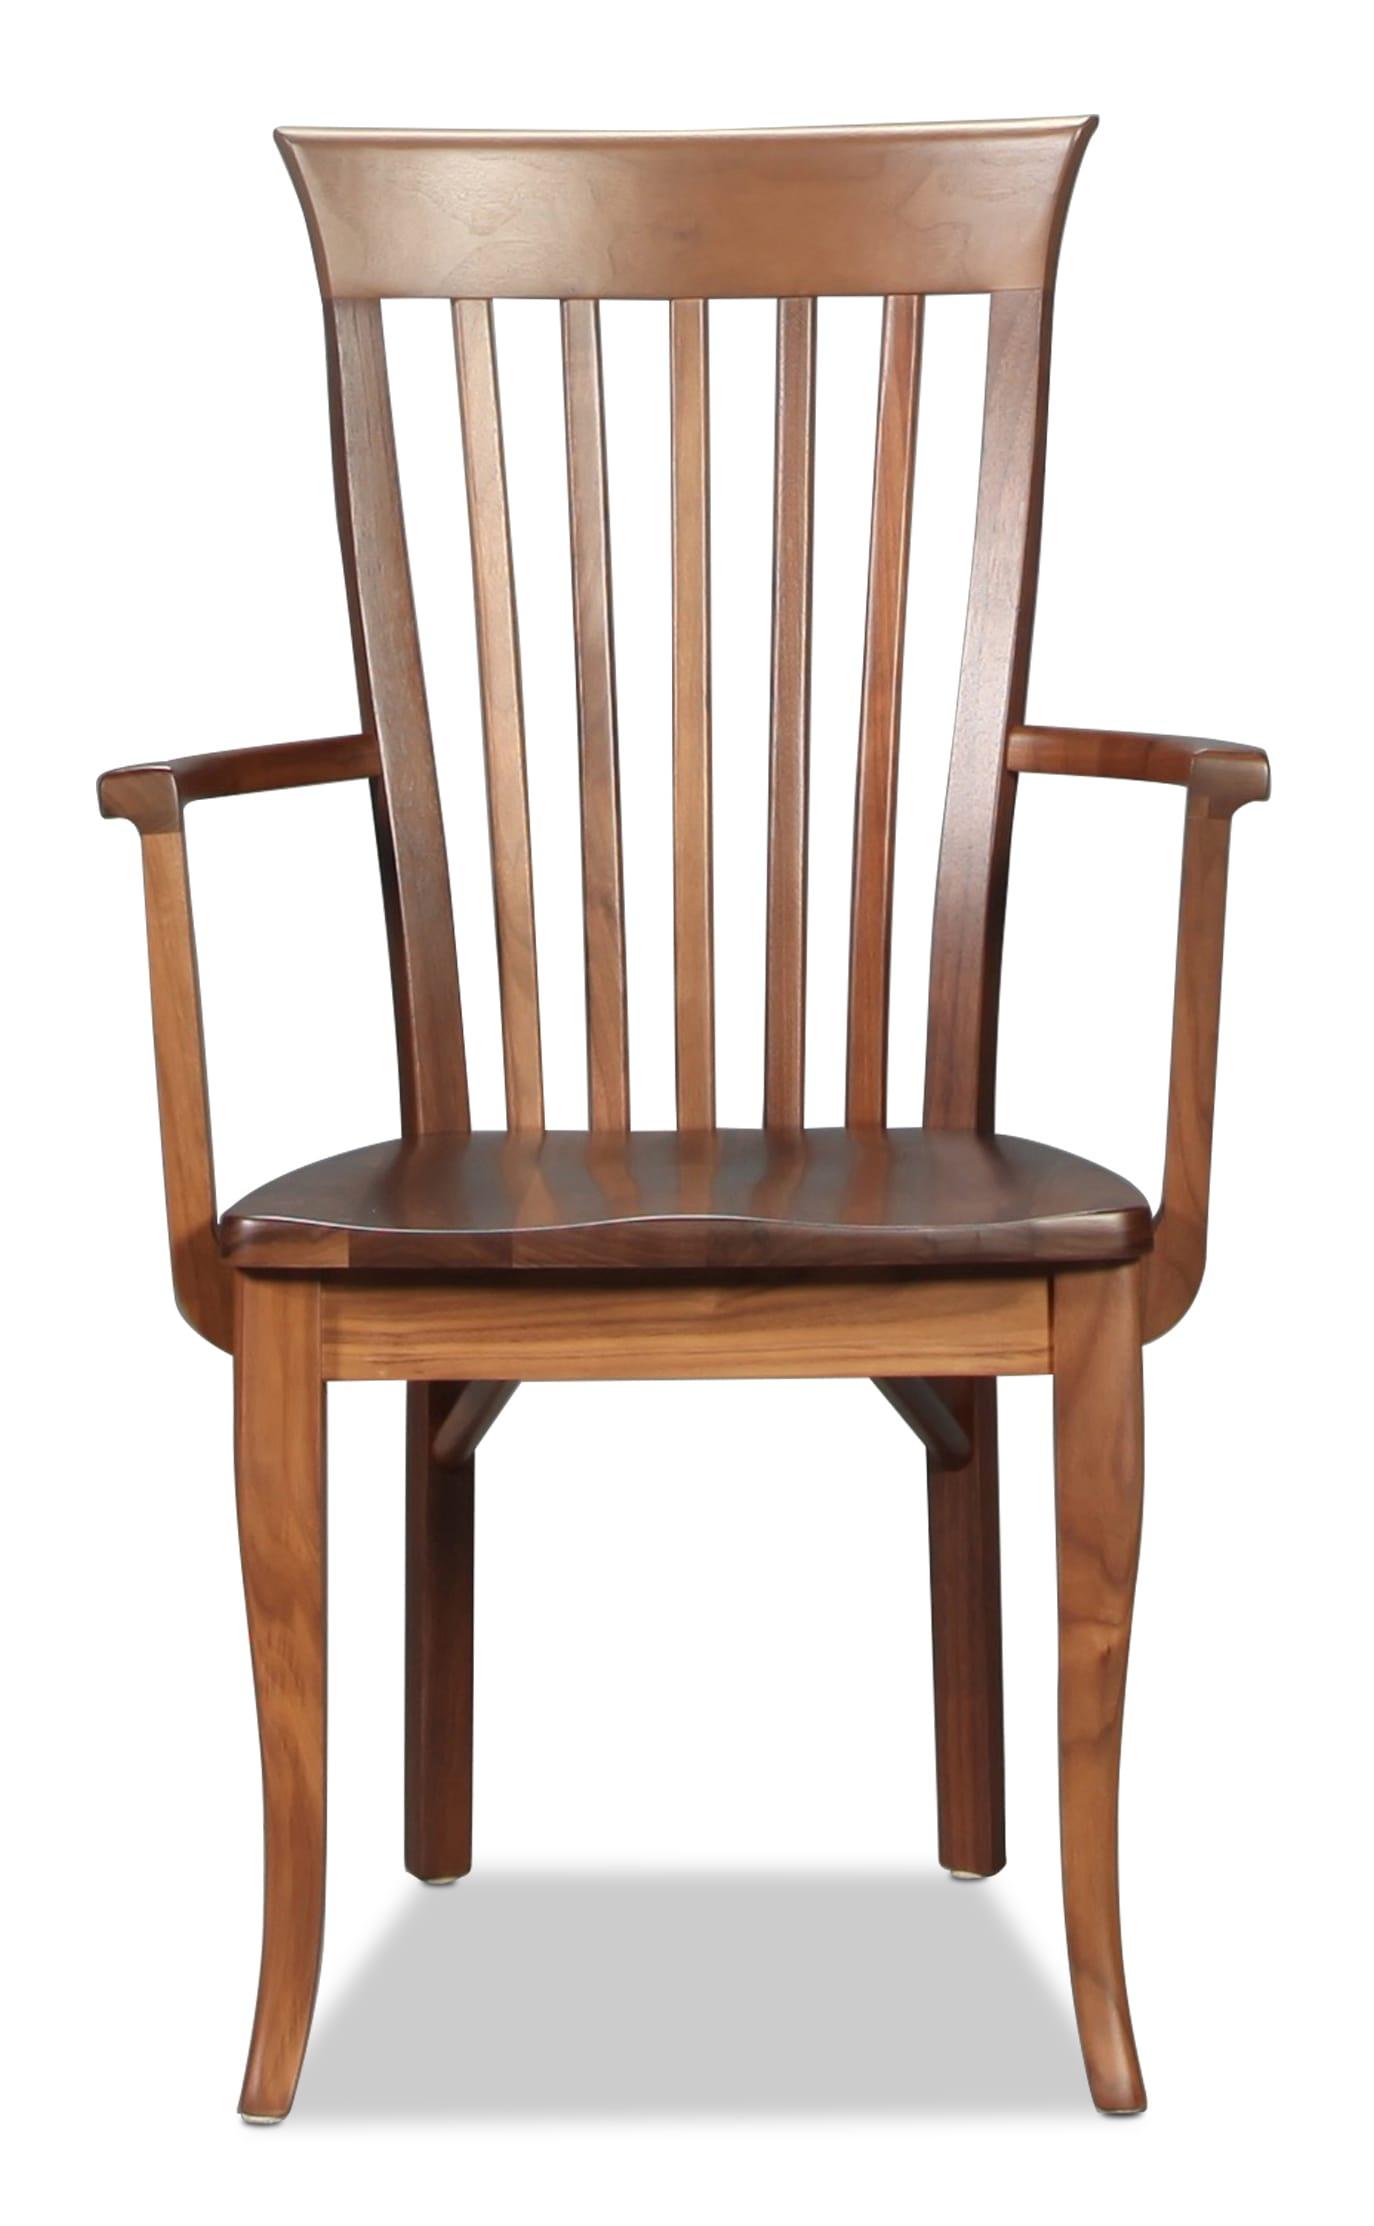 Eden Hill Arm Chair - Walnut